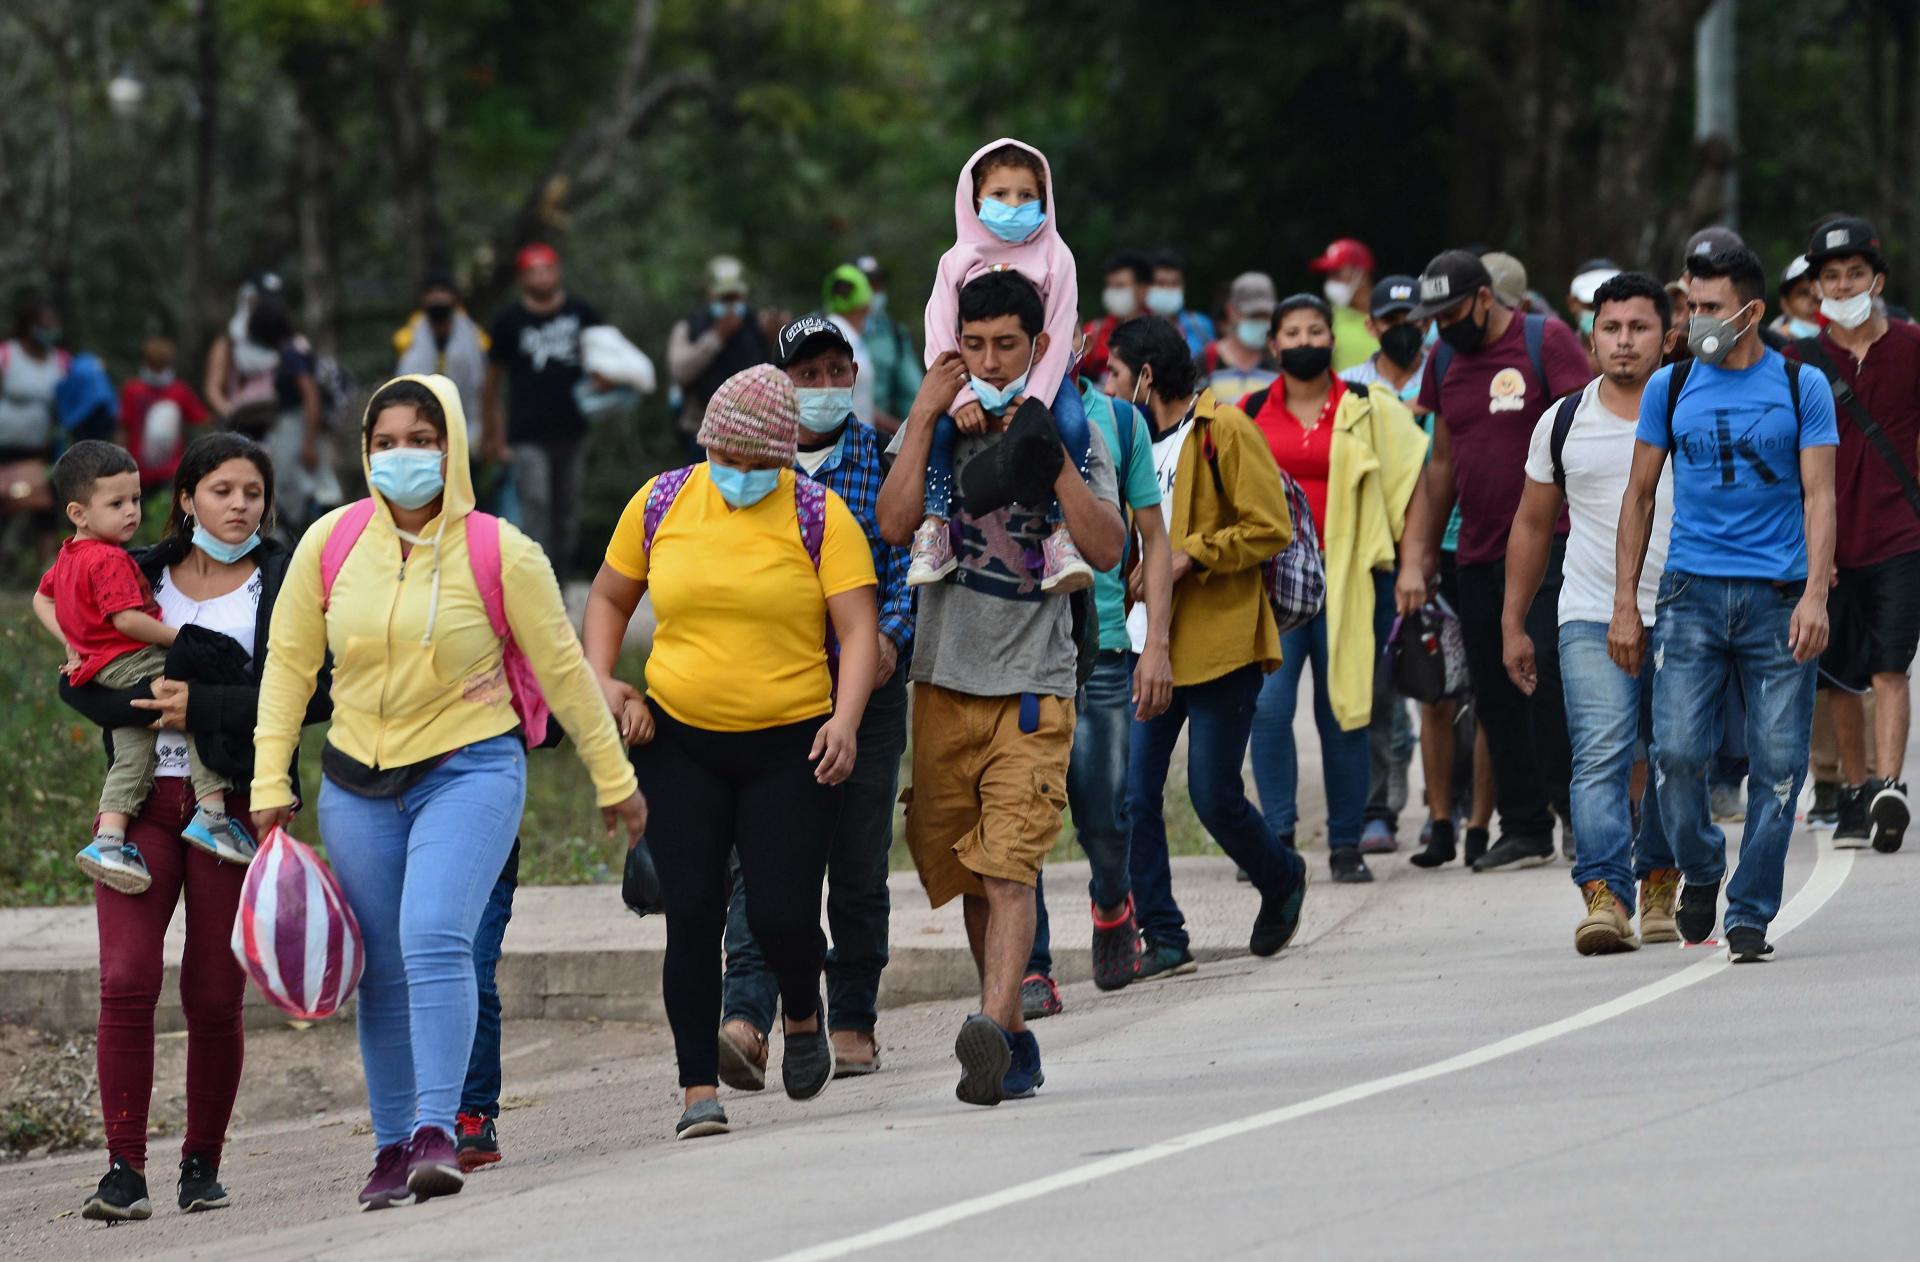 Des migrants se dirigeant, vendredi 15janvier, vers la frontière avec le Guatemala en route pour les Etats-Unis, défilent dans la municipalité de Santa Rita, dans le département hondurien de Copan.